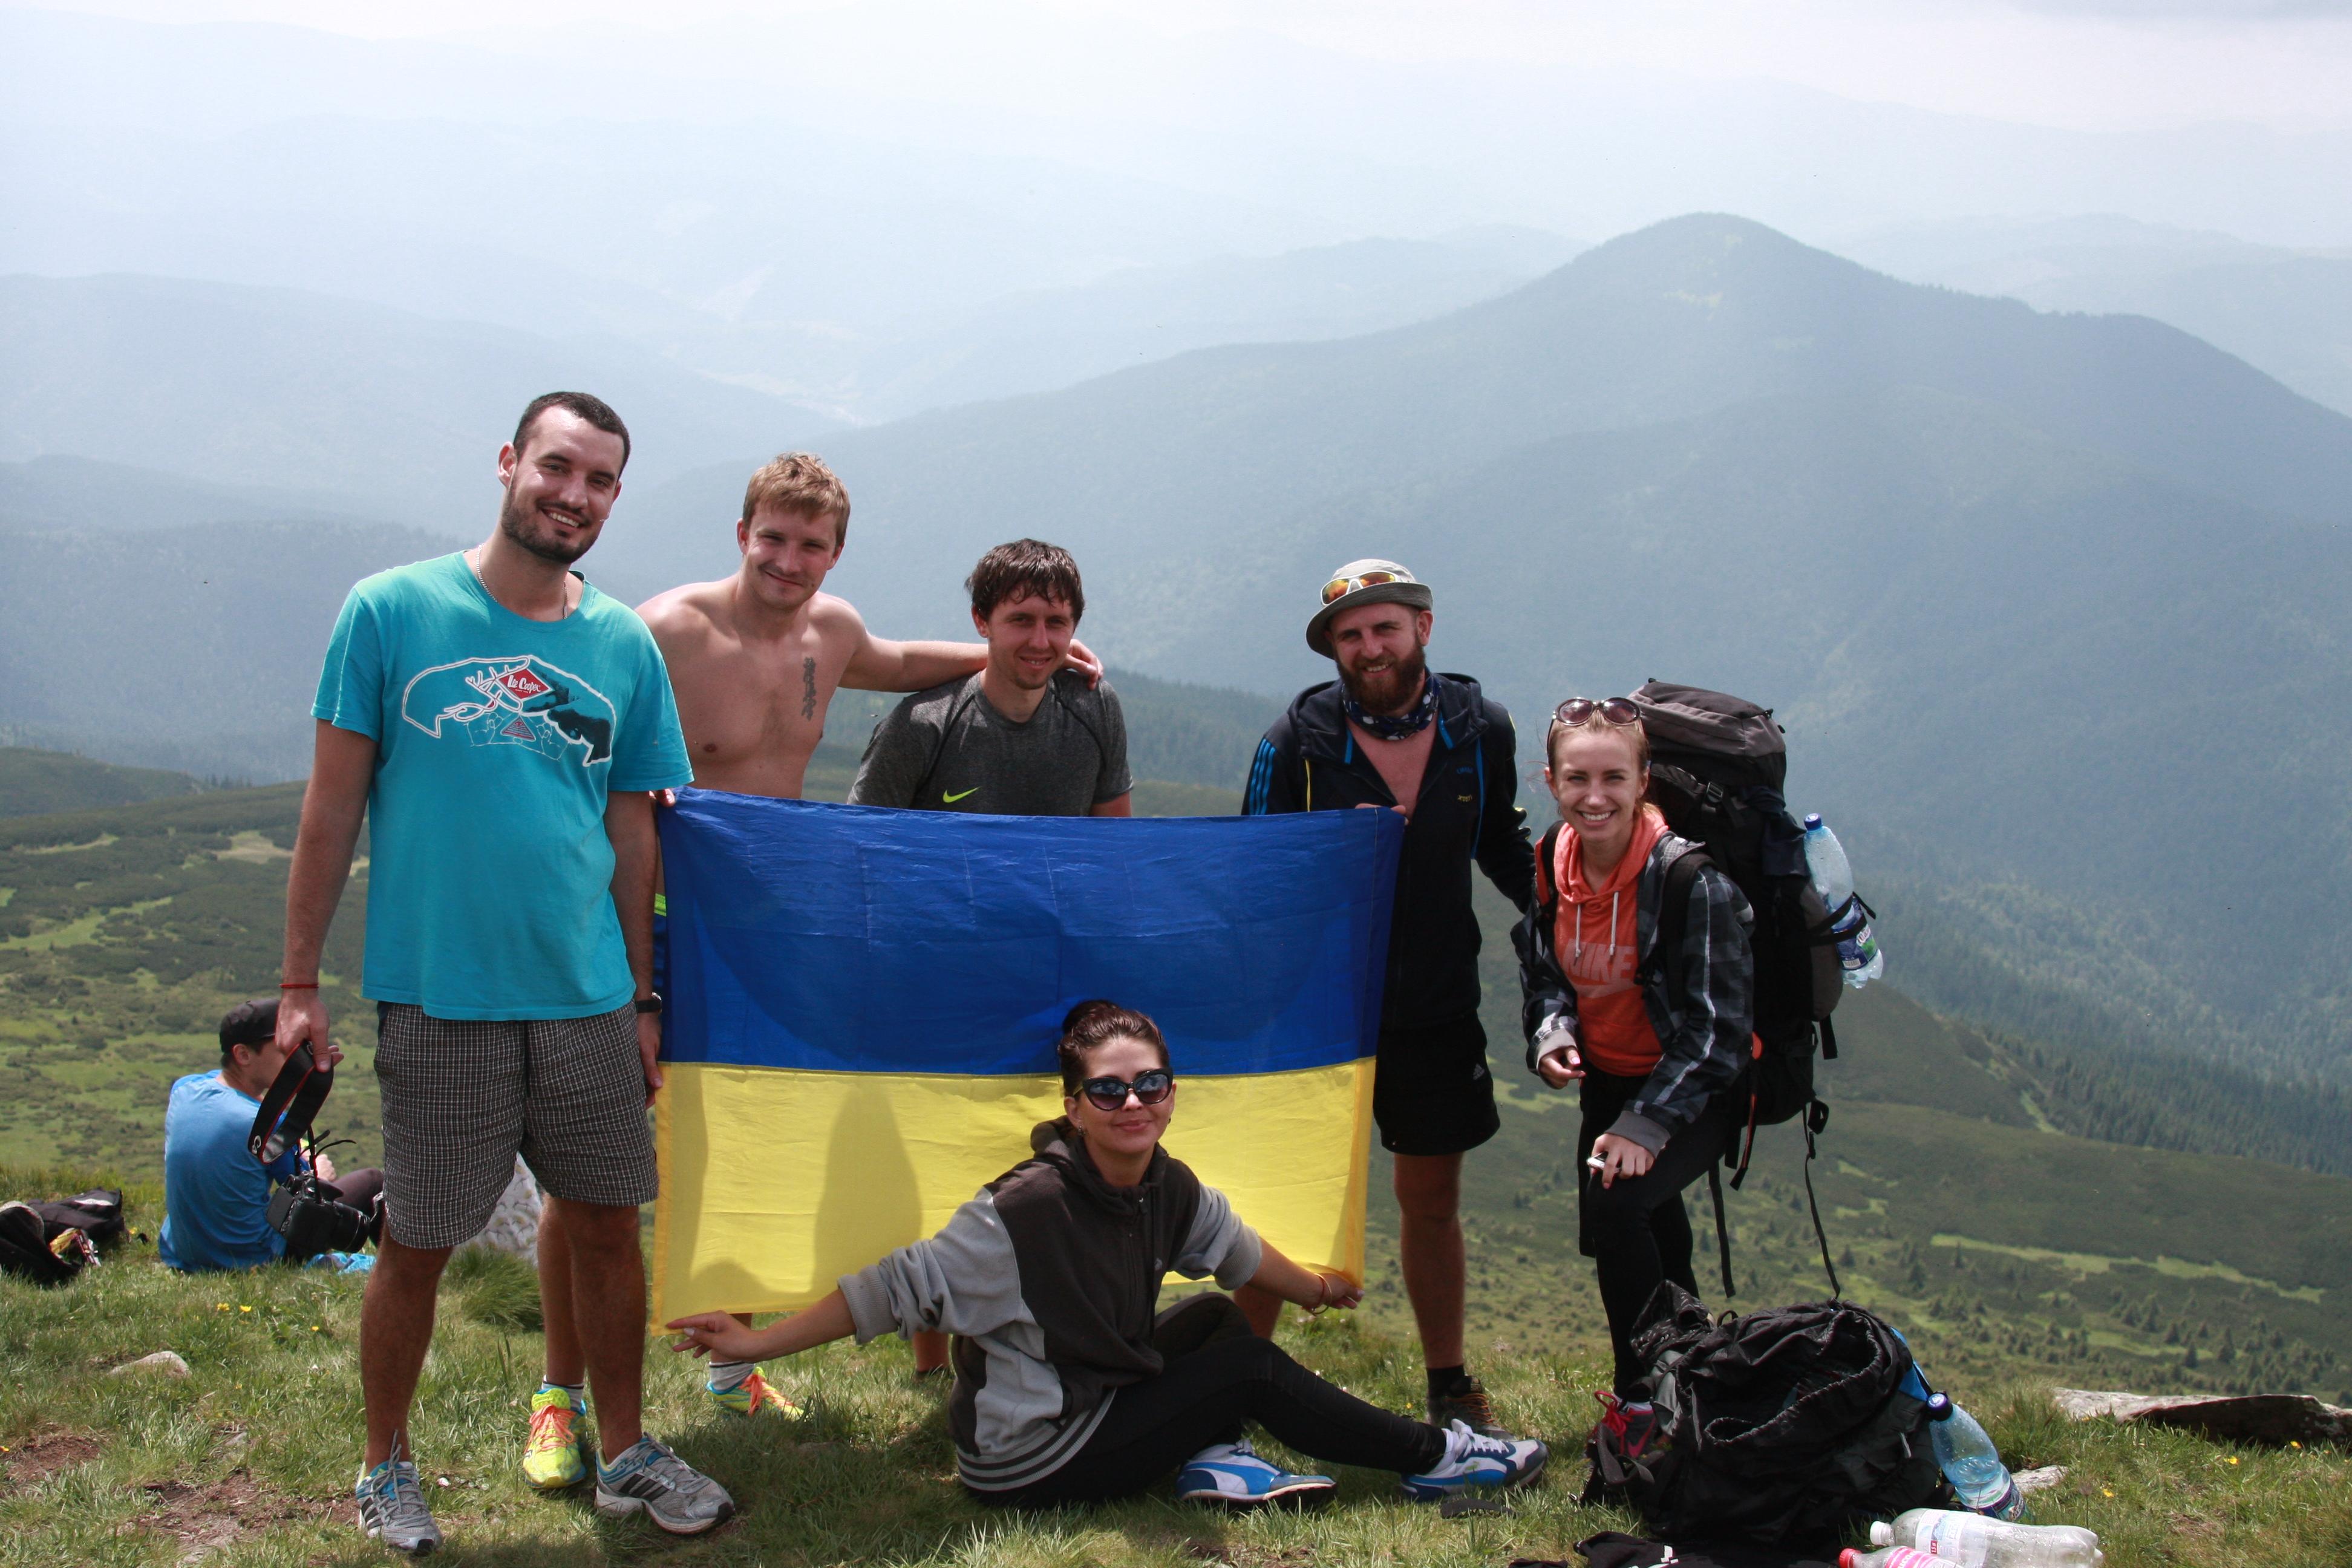 Carpathians trip & BD_0296